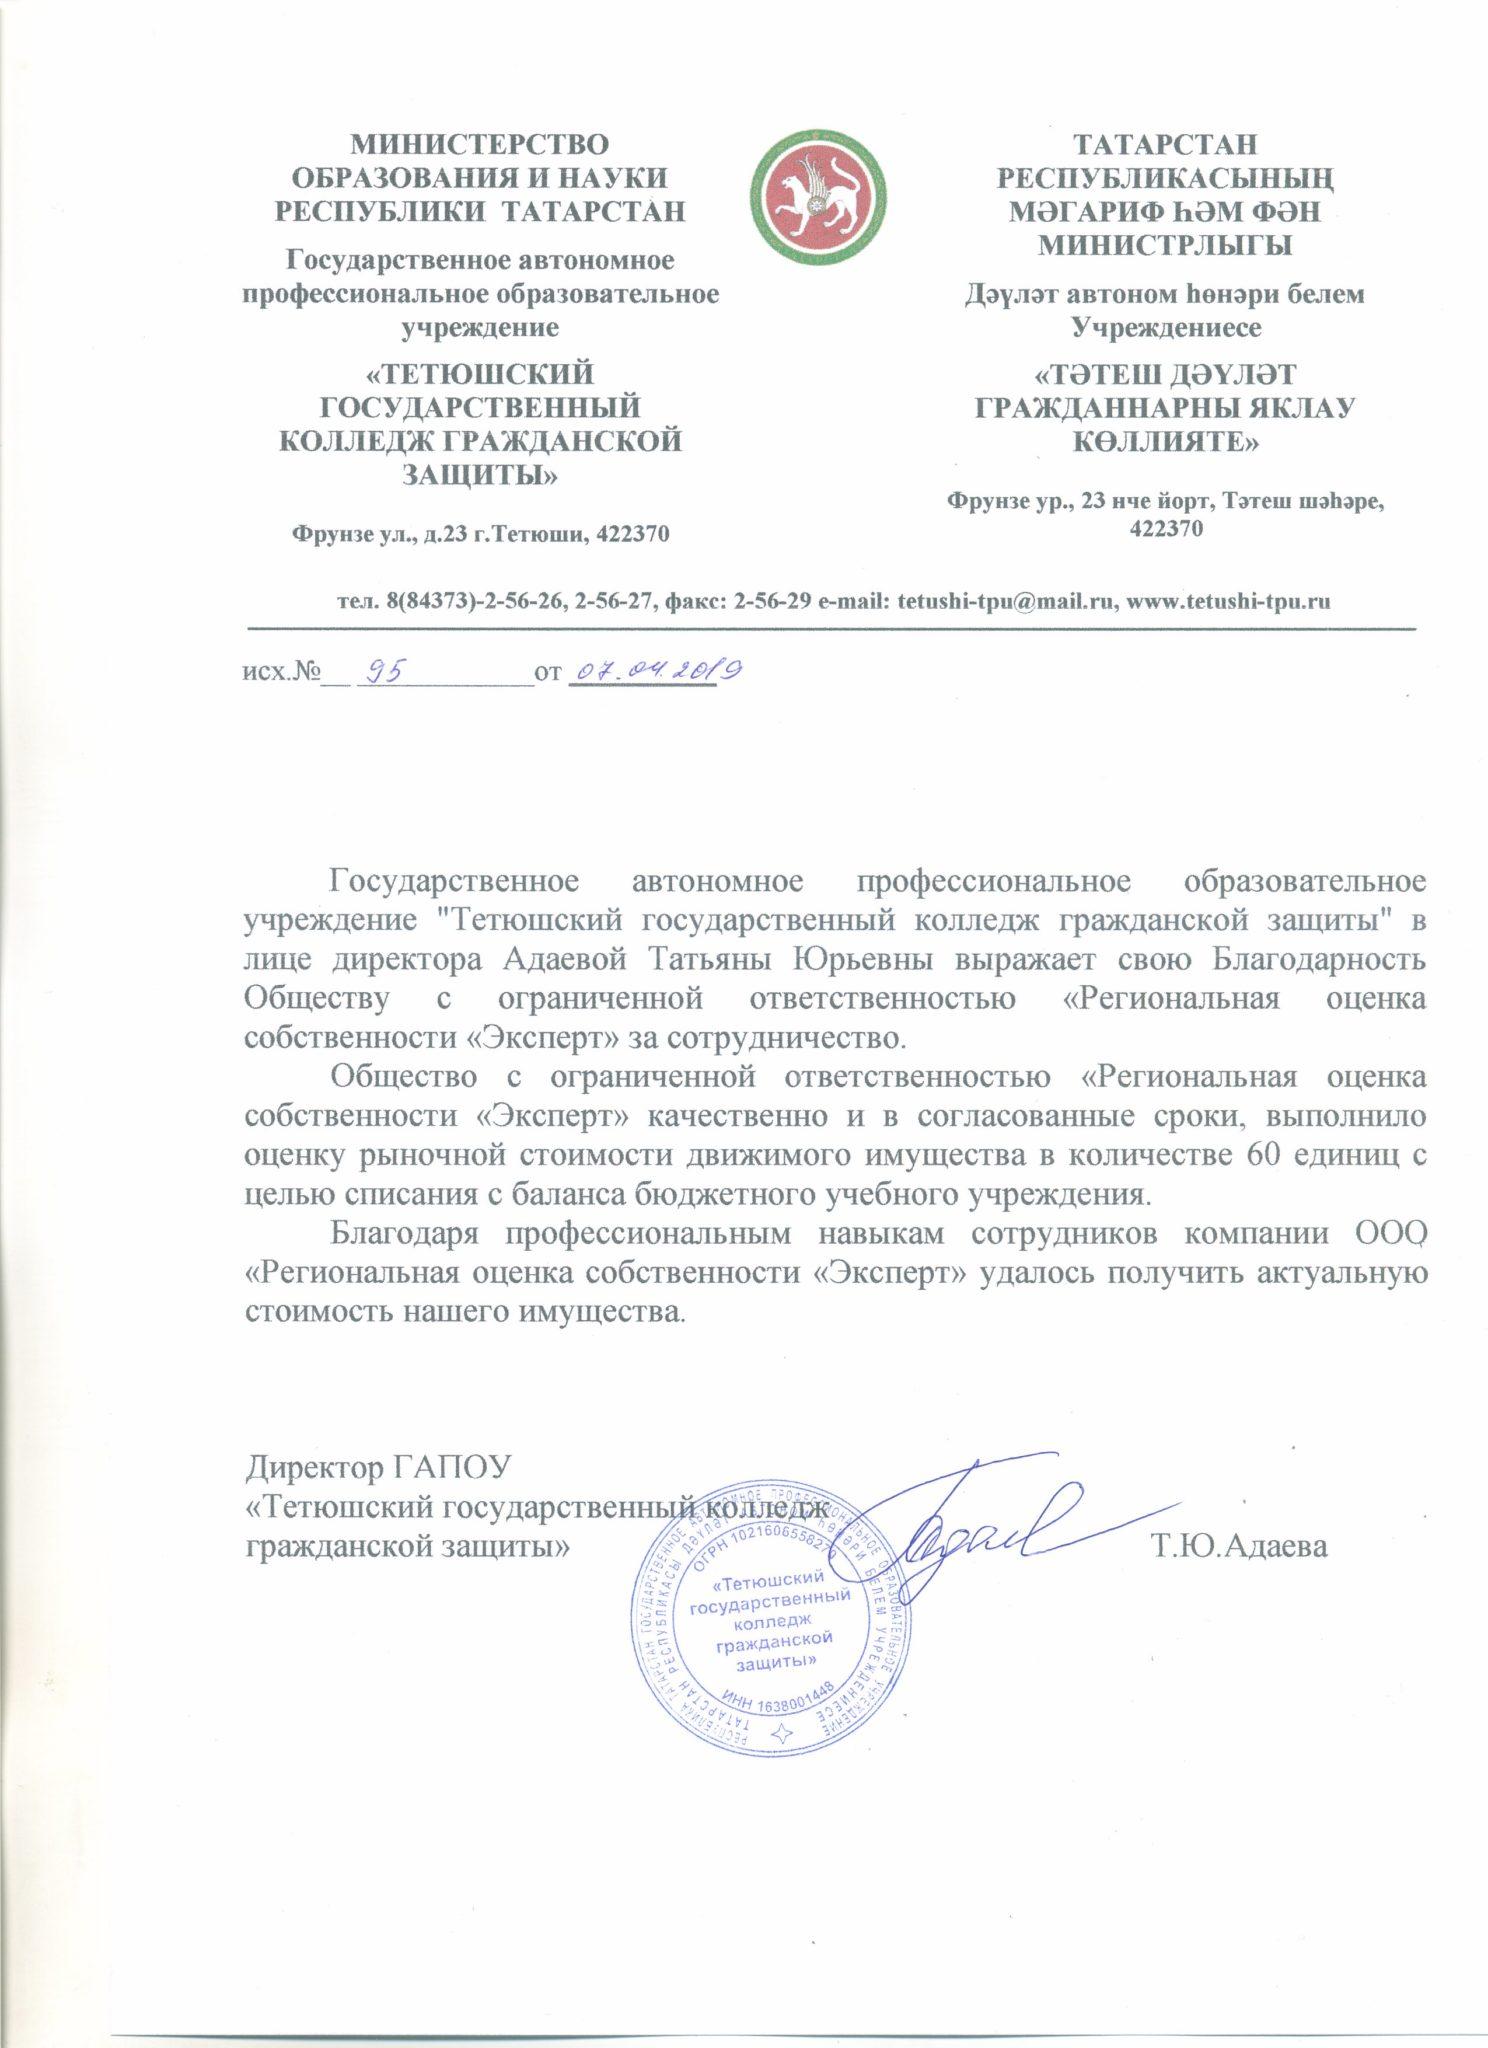 ГАПОУ «Тетюшский государственный колледж гражданской защиты»